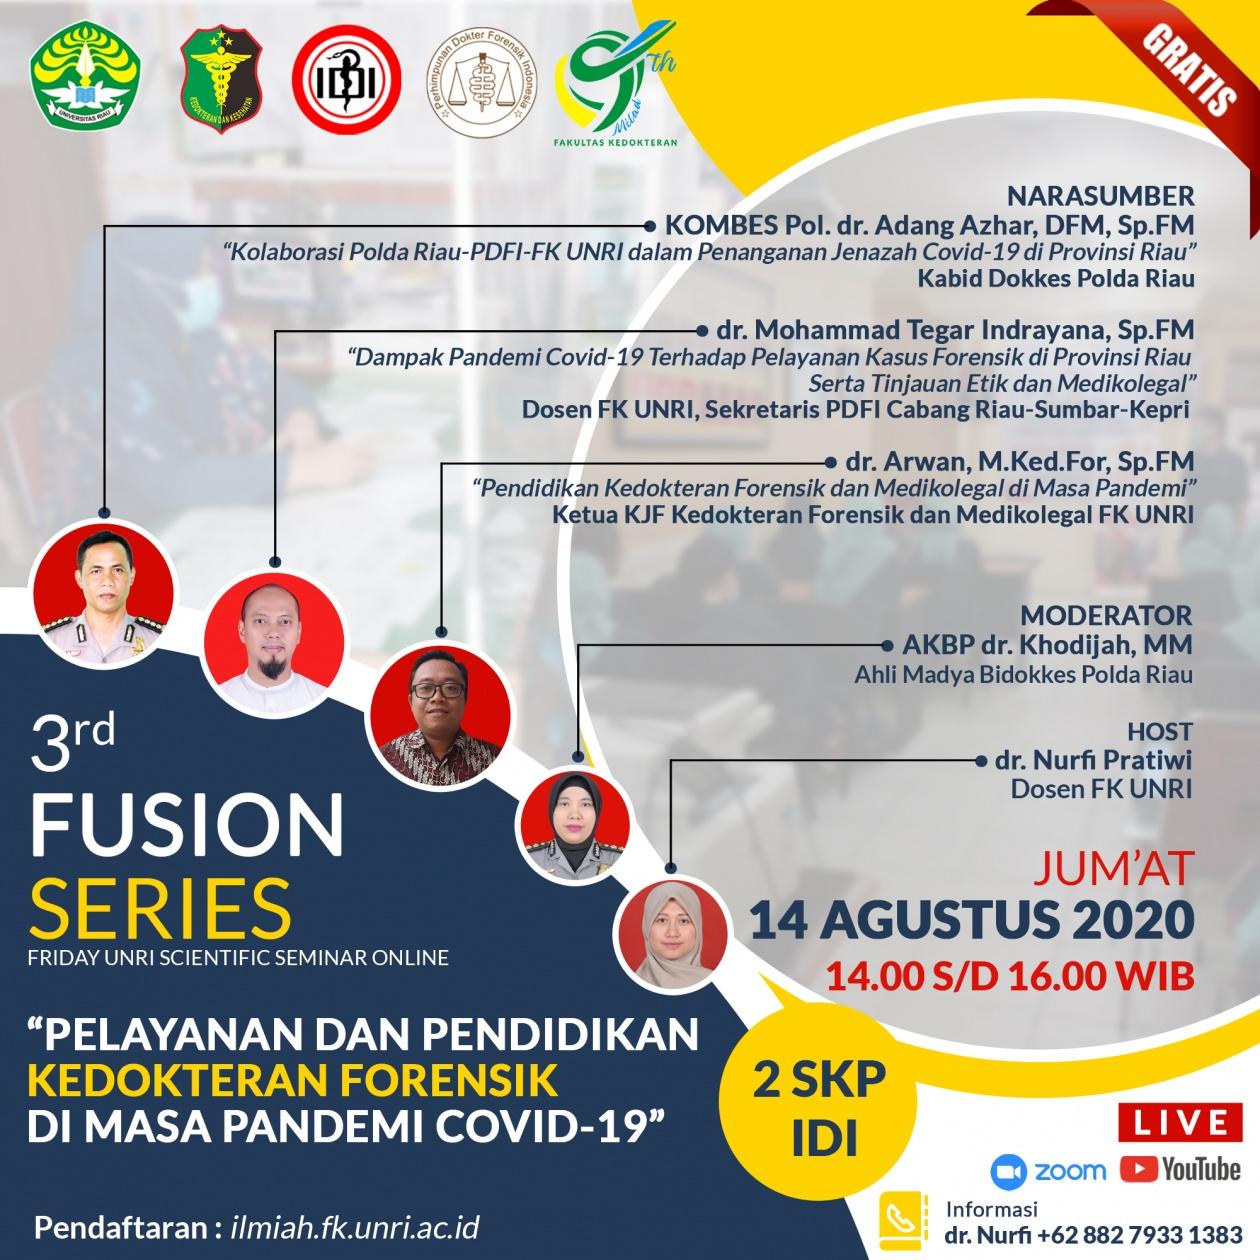 3rd Fusion Series Pelayanan Dan Pendidikan Kedokteran Forensik Di Masa Pandemi Covid 19 Fakultas Kedokteran Universitas Riau